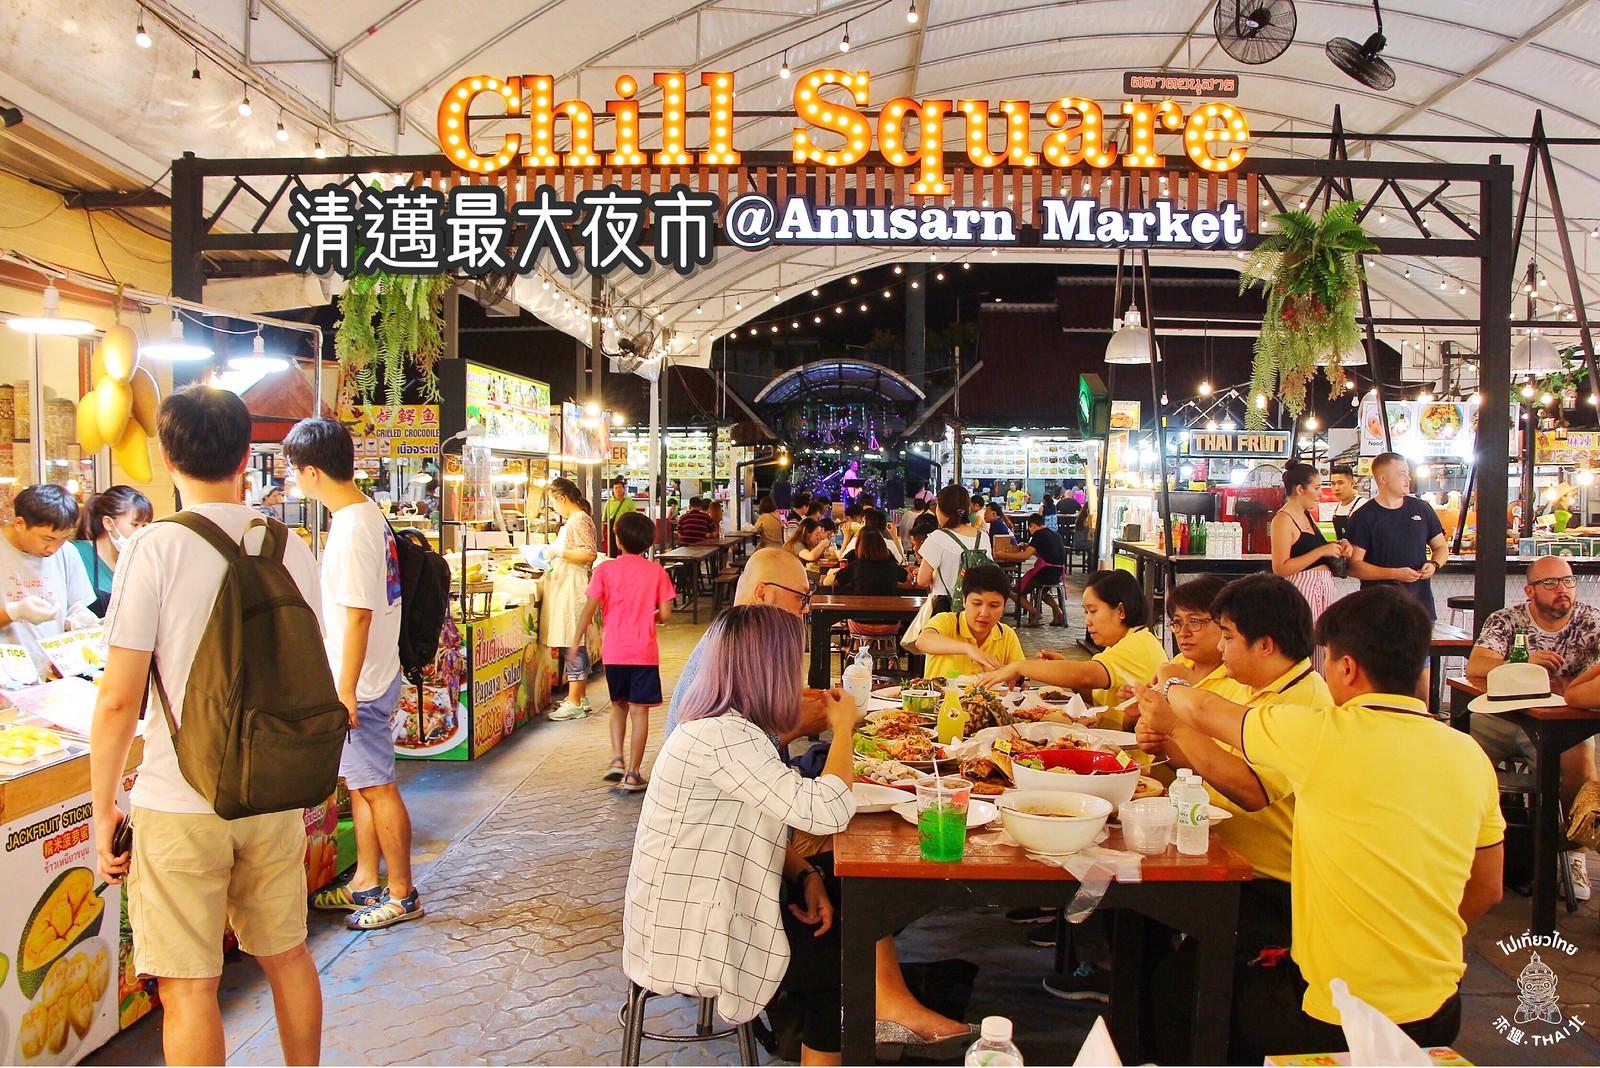 清邁天天都有的超級大夜市《阿努商夜市 Anusarn Market》